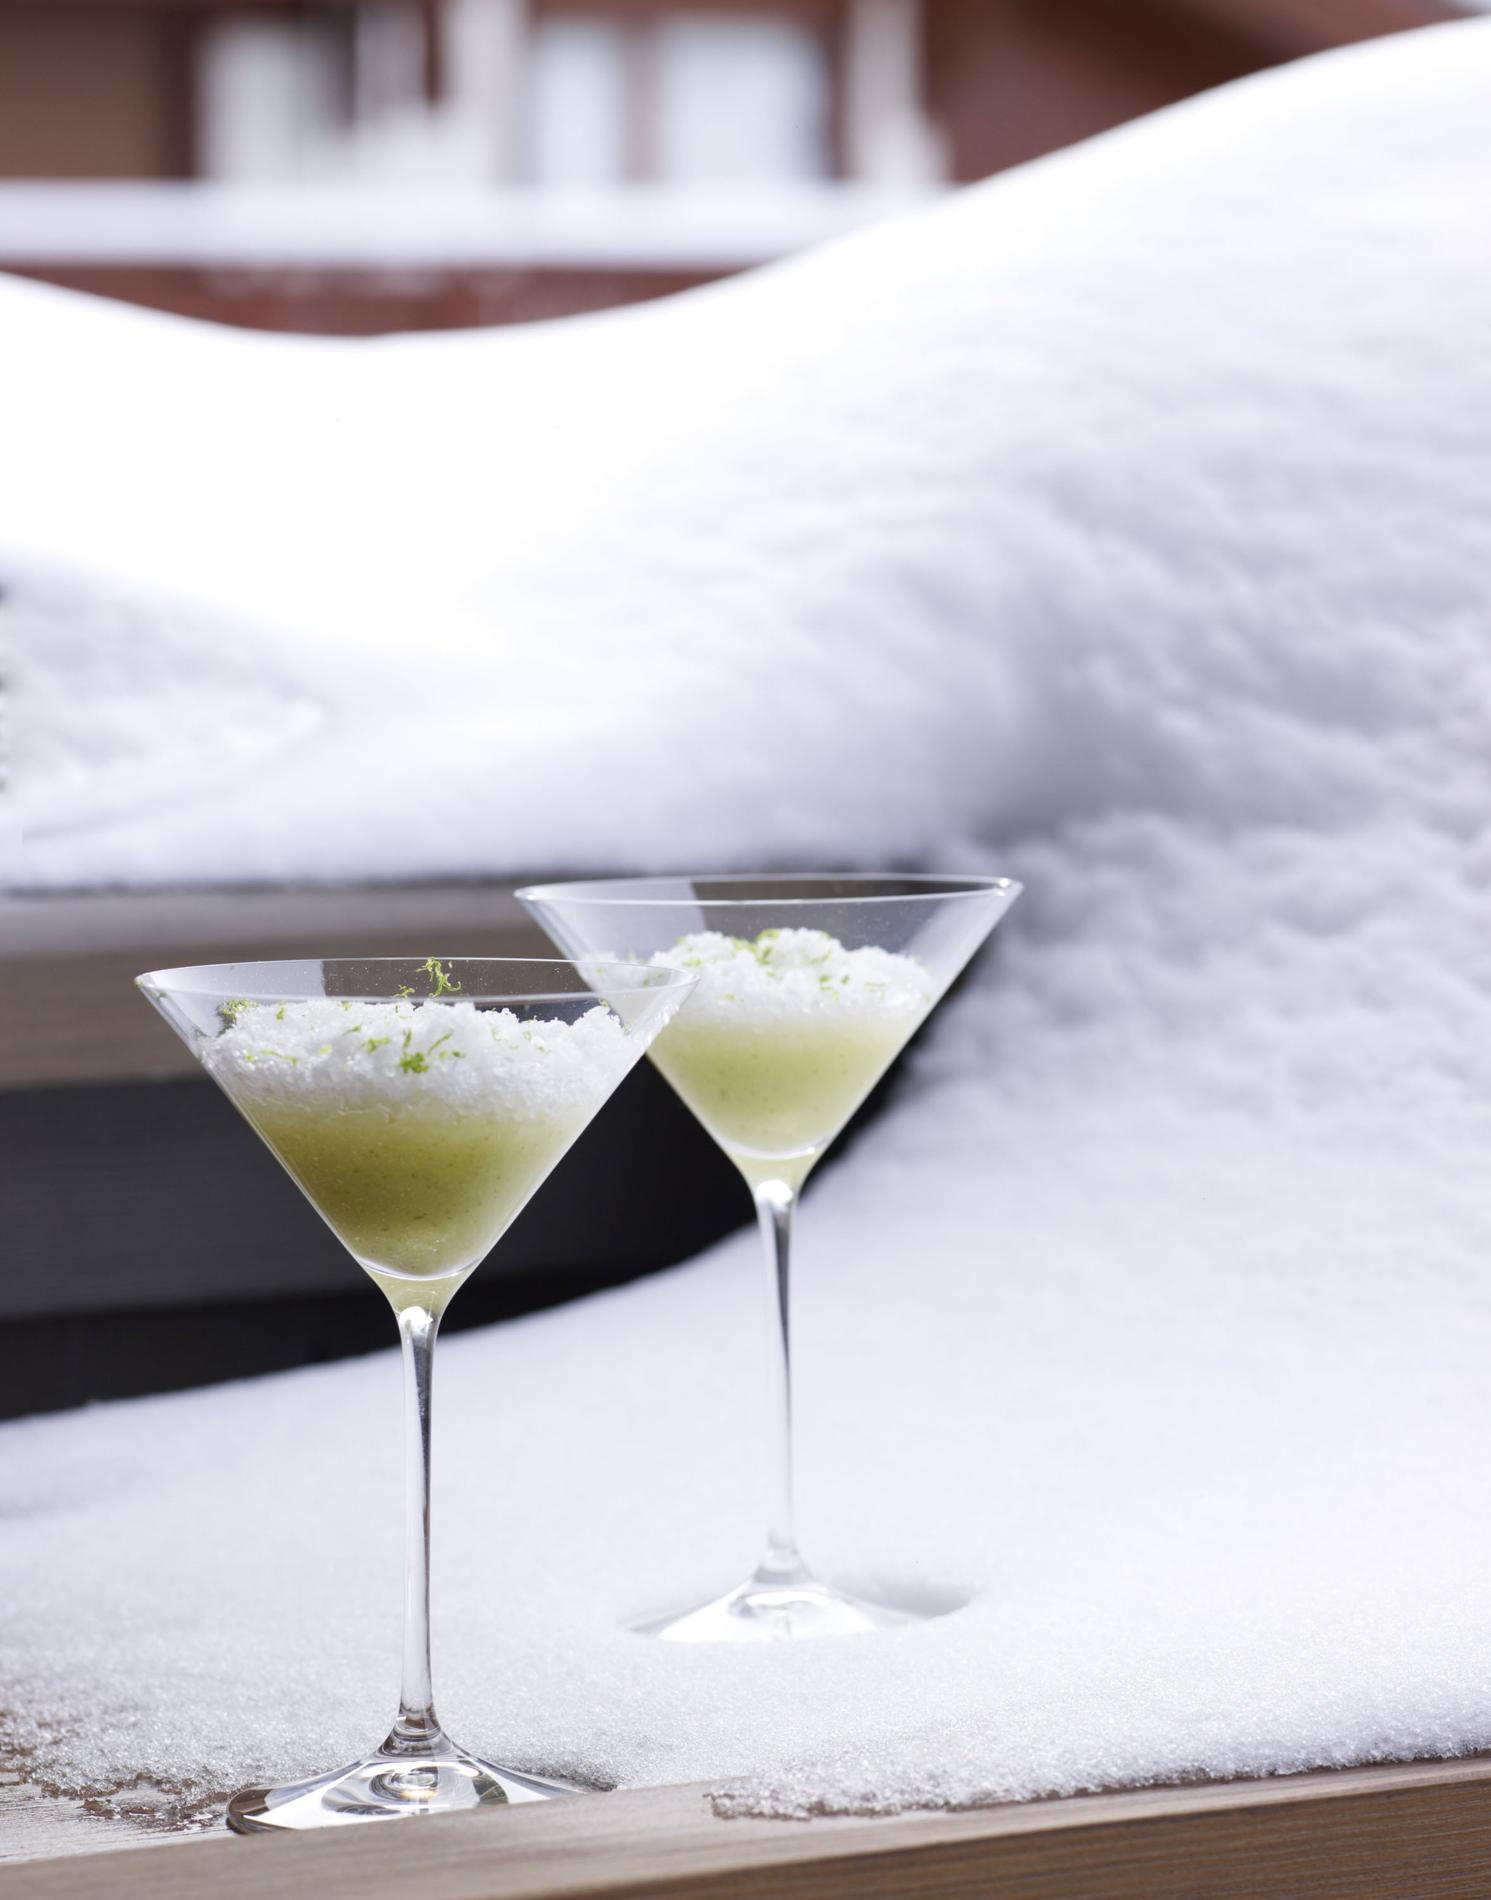 Recette granit au g n pi poire et citron vert cuisine for Cocktail genepi